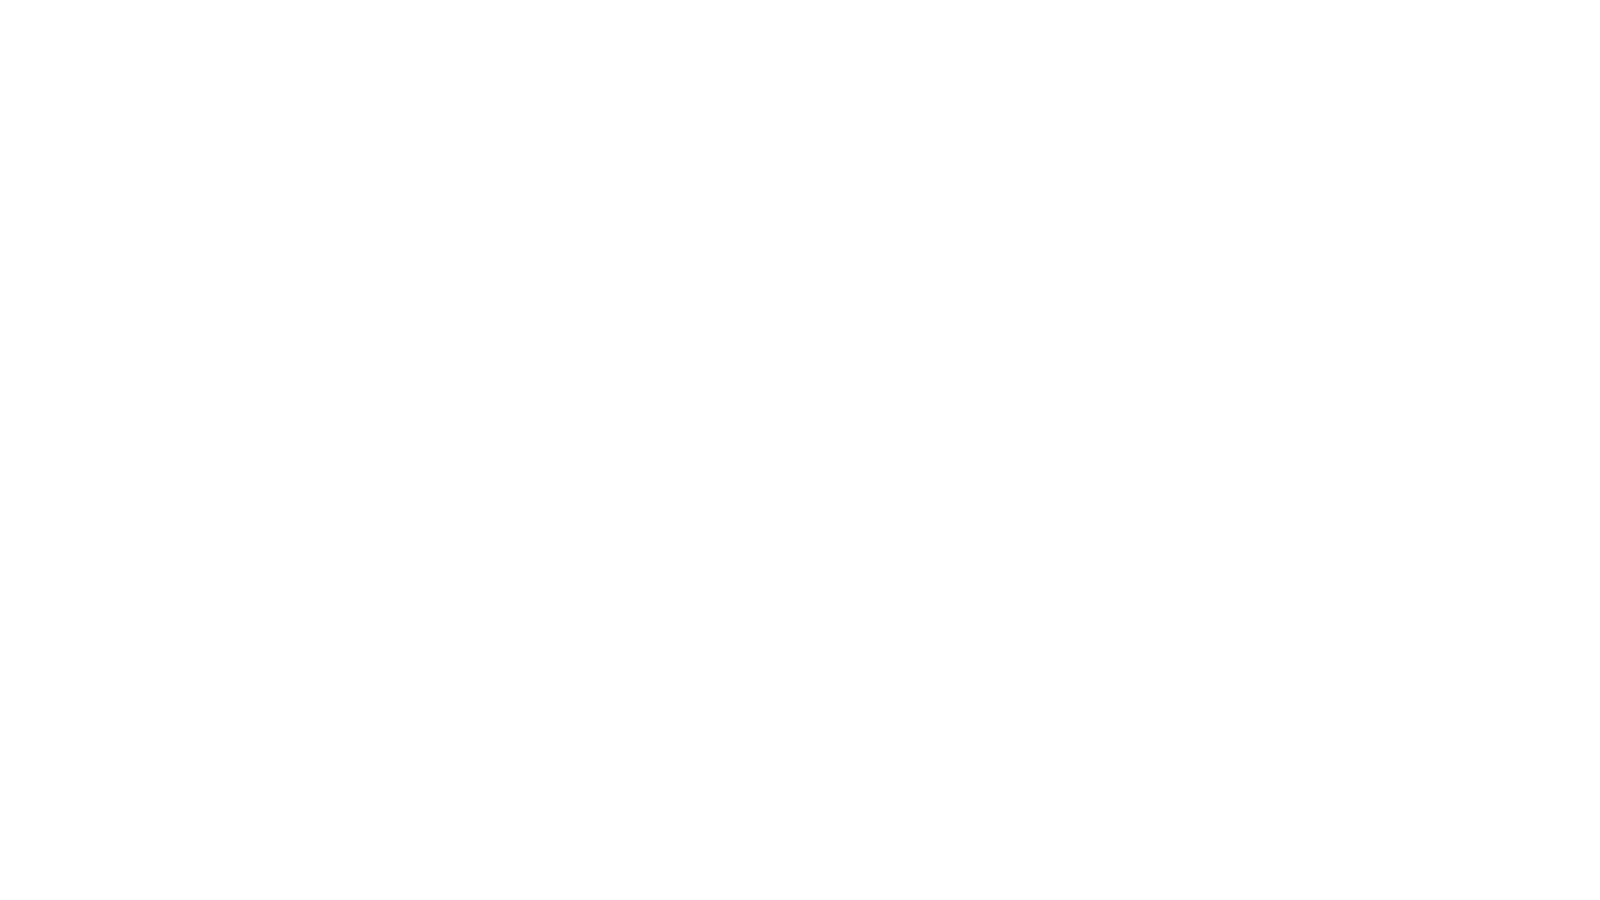 #こたつ#洗濯#繋がるこたつ布団 つなげるこたつ布団「スパット」の紹介動画です。  YouTubeのチャンネル登録&動画いいねで イケヒコ公式オンラインショップで使える ★☆★10%OFFクーポンをプレゼント★☆★  https://www.ikehikoshop.jp/ ↓↓クーポンコード↓↓     Y10  【使い方】 1)イケヒコ公式サイトで商品を買い物カートに入れる ↓ 2)ご住所入力、決済を選択 ↓ 3)クーポンコード入力欄へ「Y10」を入力 ----------------------------------------------------------------------- ■チャンネル登録はこちら https://www.youtube.com/channel/UCZdOYzK5W9Jk6smmT8pm4JA/featured